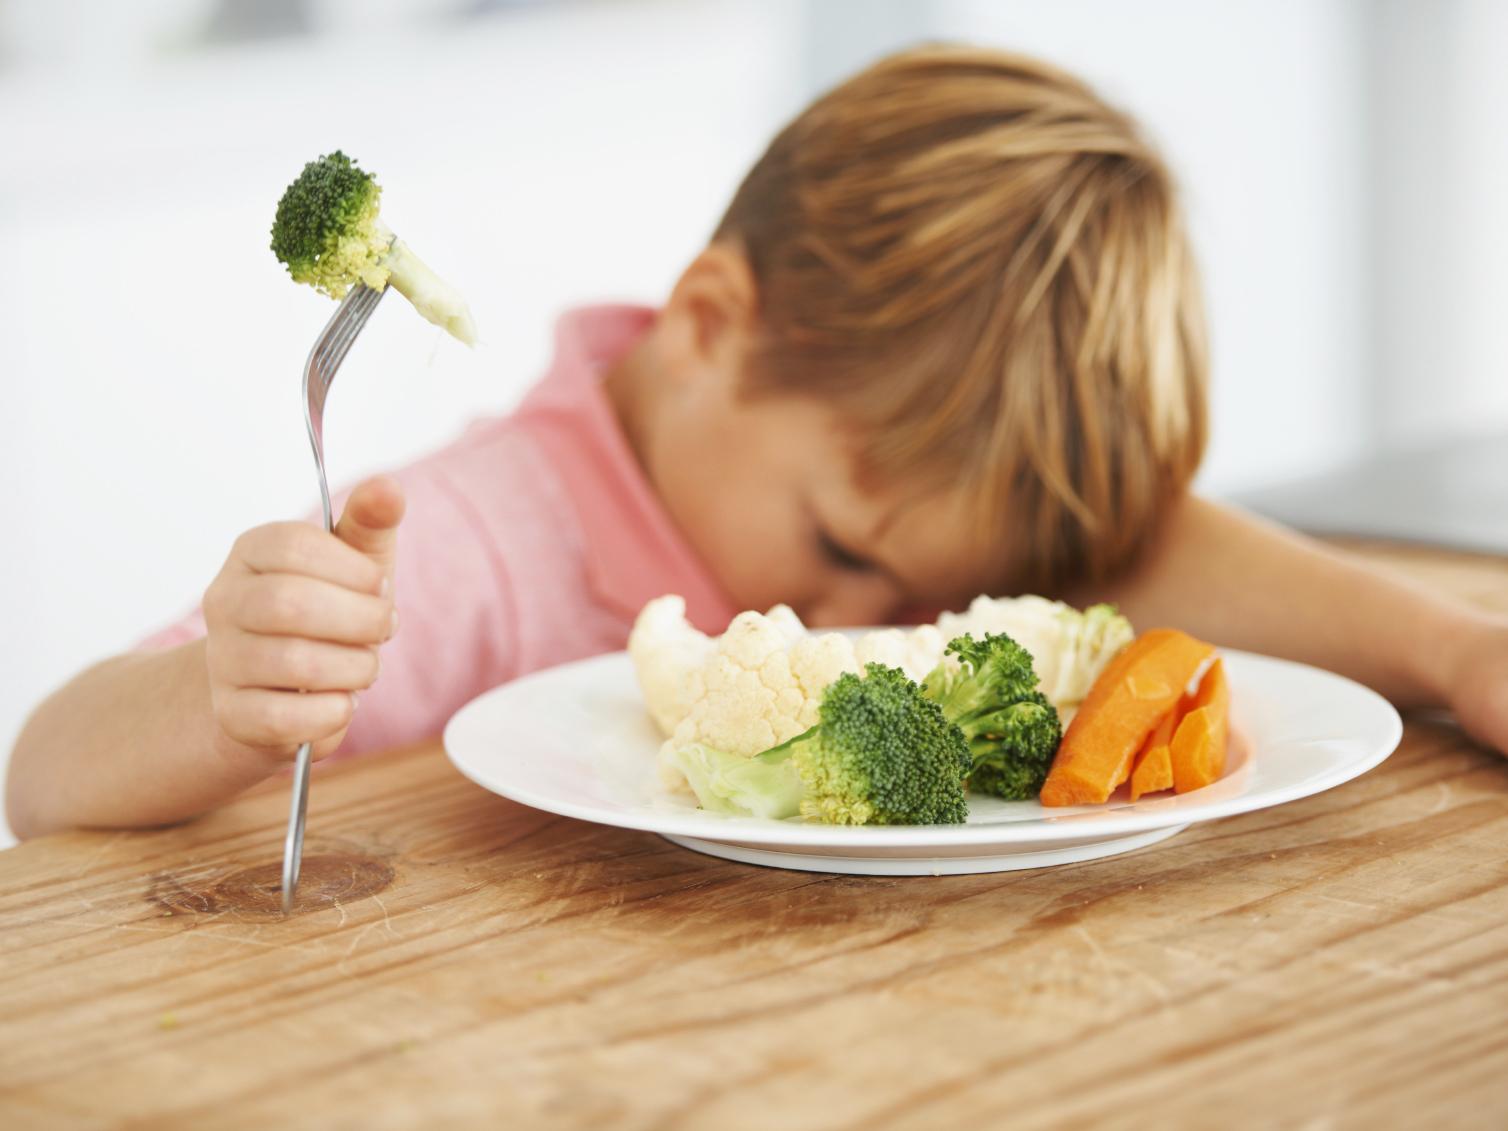 ce-que-mange-les-enfants-1485380426.jpg